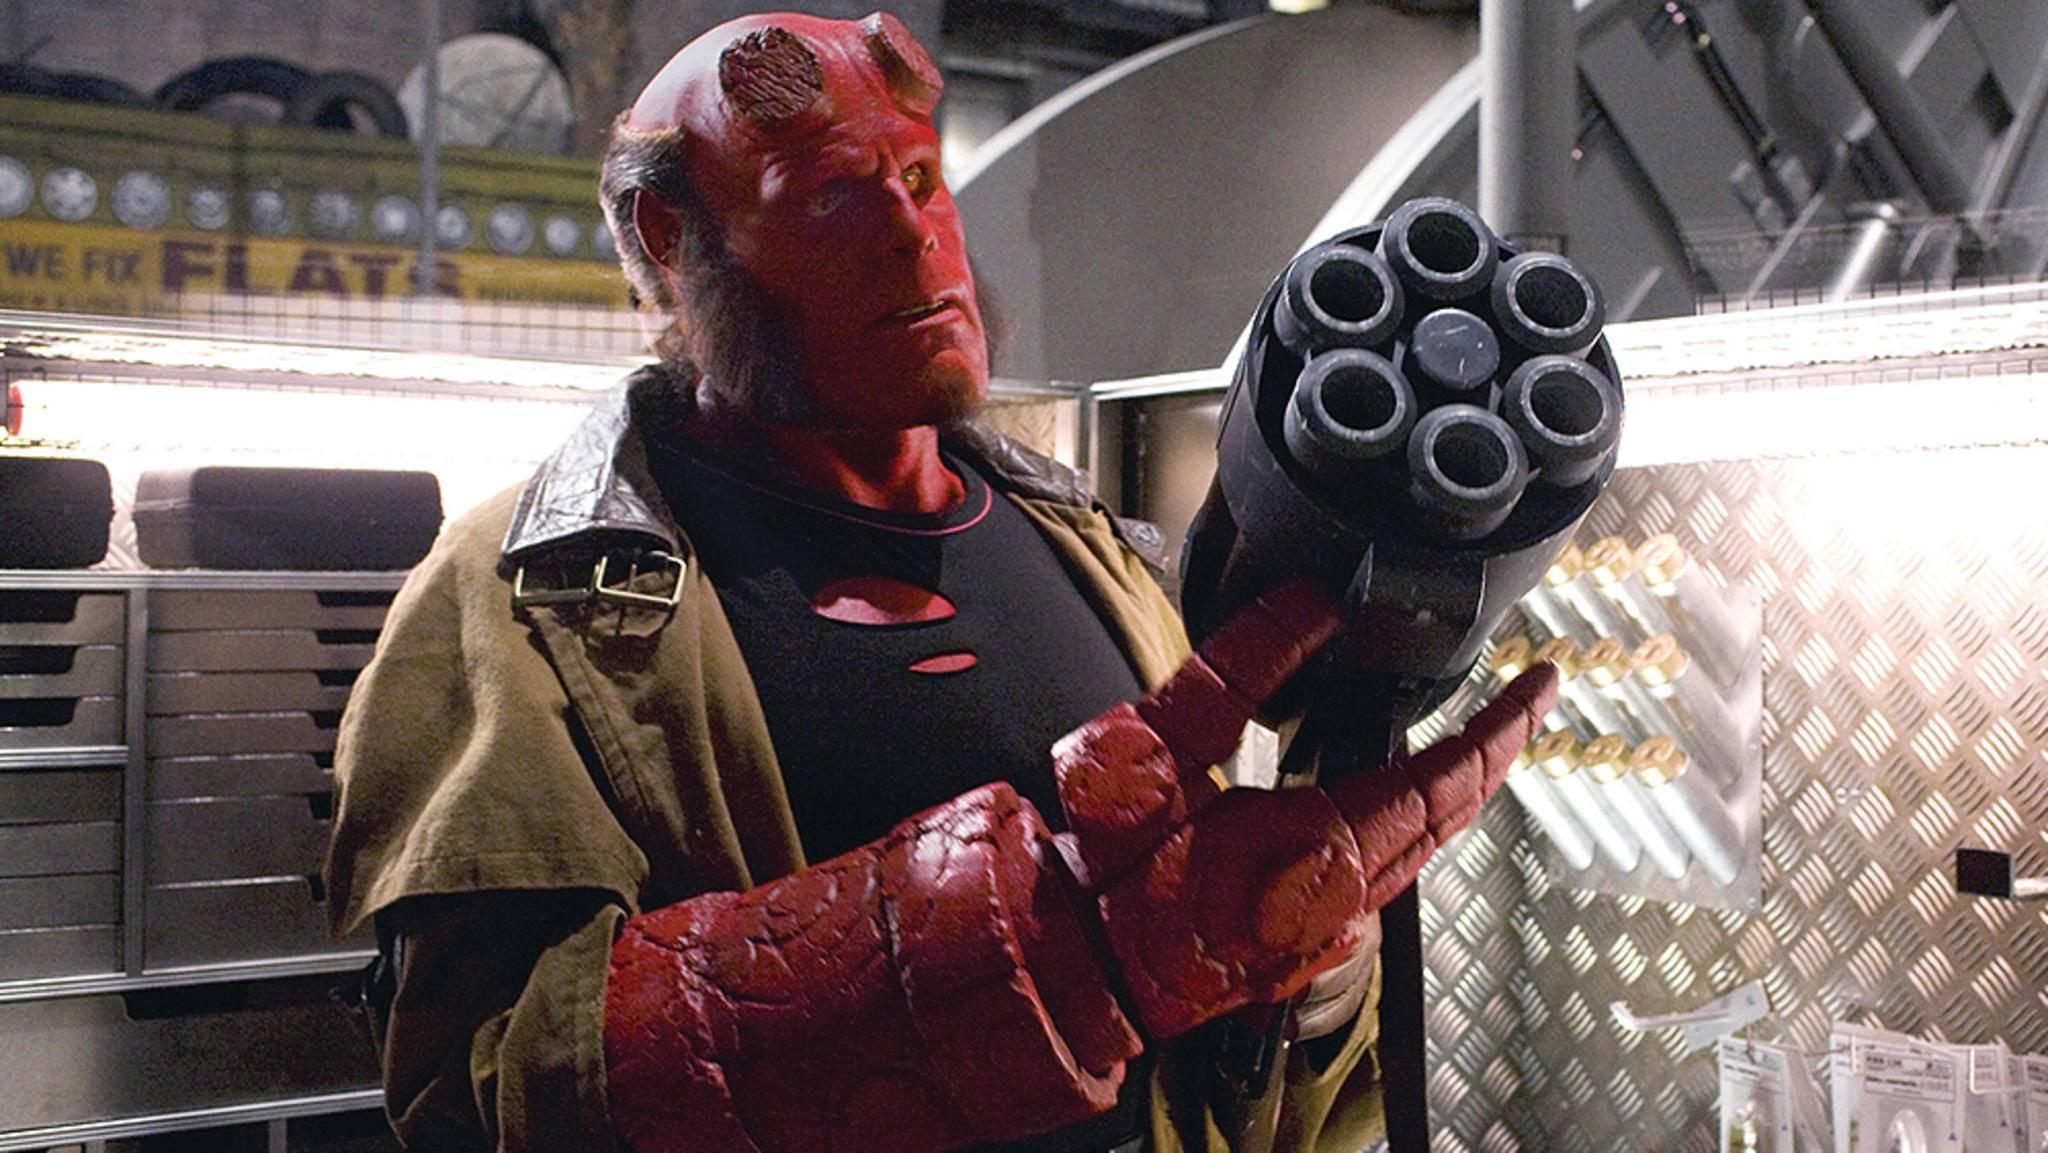 Unglaublich, aber Hellboy (hier gespielt von Ron Perlman) ist tatsächlich einer der Guten.